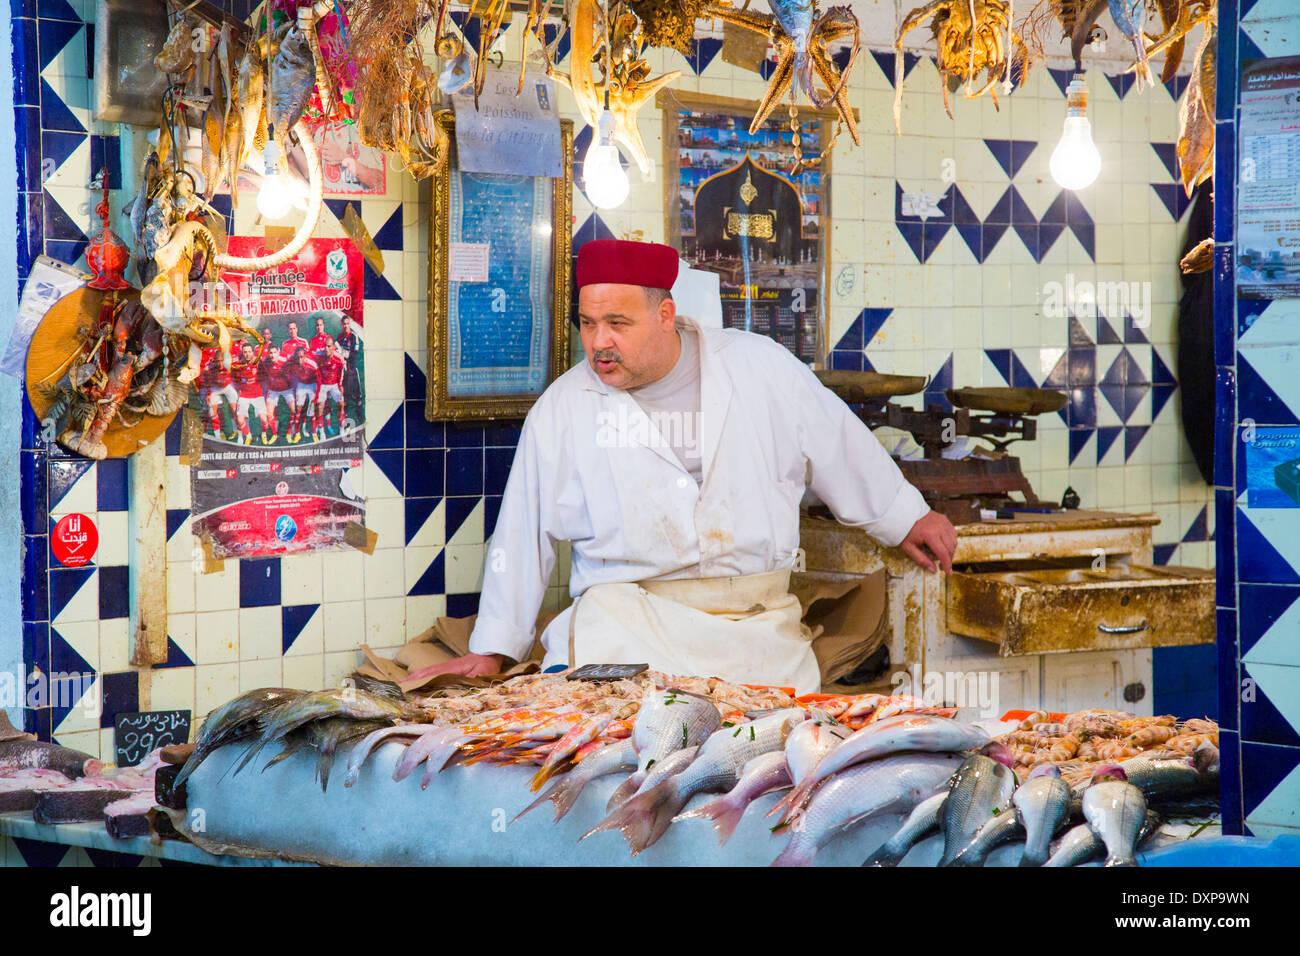 Fish market, Sousse, Tunisia Stock Photo